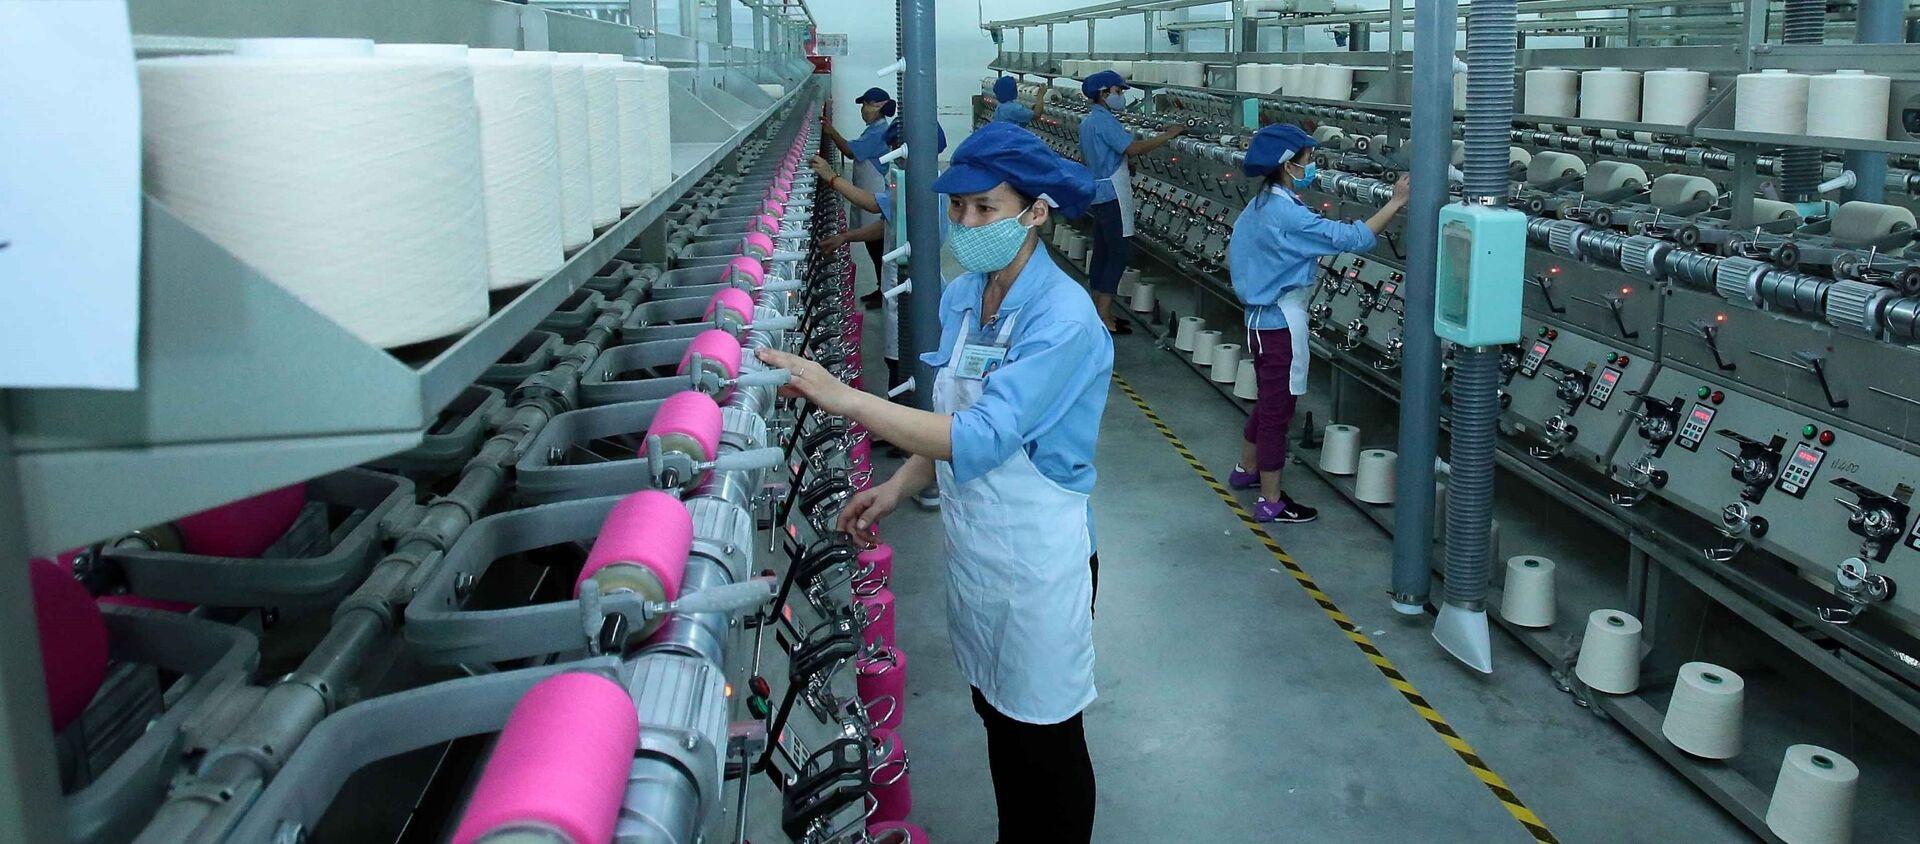 Công nhân sản xuất sản phẩm dệt nhuộm tại công ty TNHH Dệt nhuộm Jasan Việt Nam (Khu công nghiệp dệt may Phố Nối B, huyện Yên Mỹ, Hưng Yên) có vốn đầu tư 100% của Trung Quốc.  - Sputnik Việt Nam, 1920, 29.07.2019